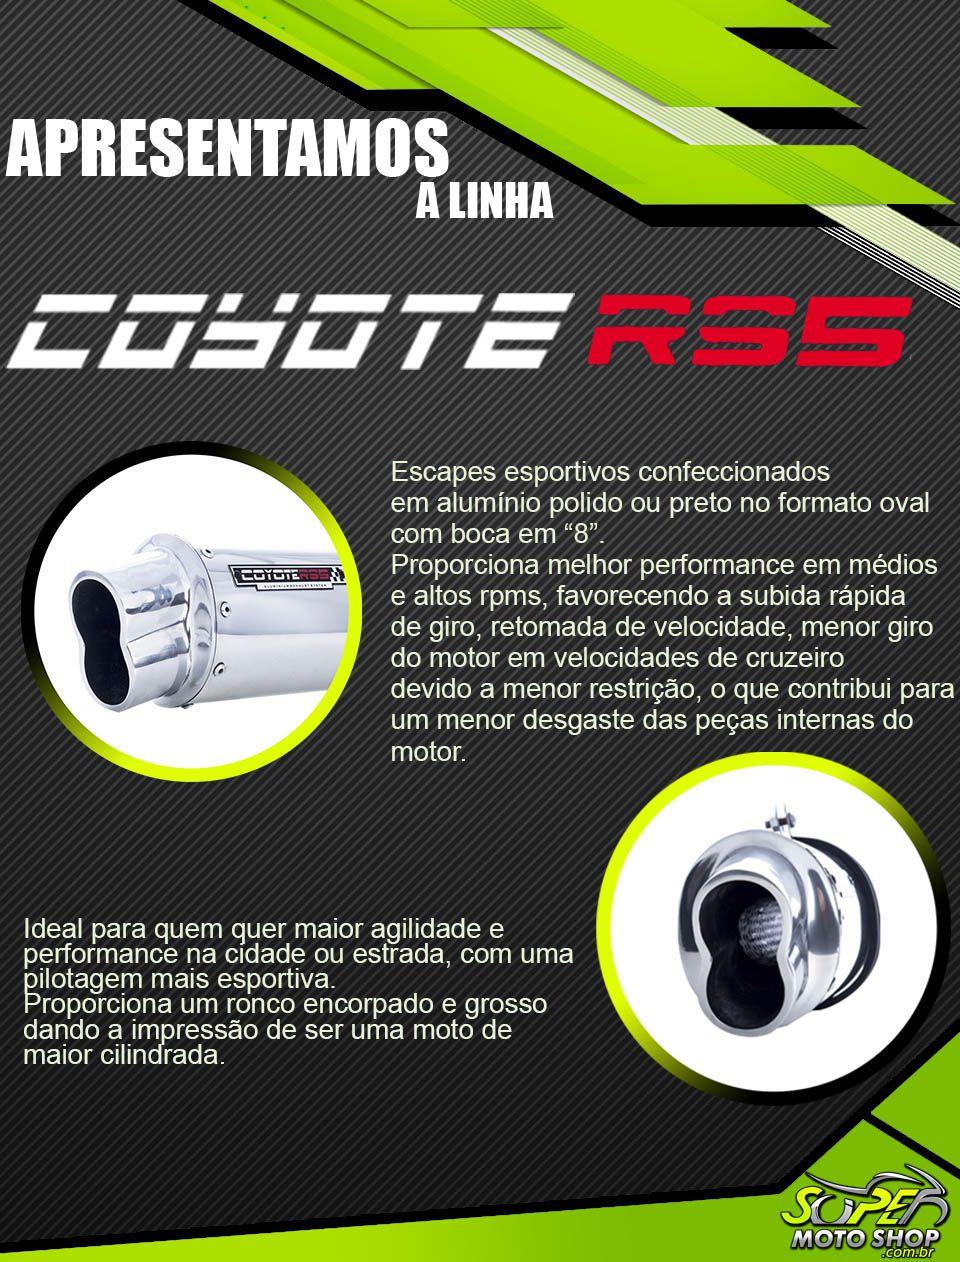 Escape / Ponteira Coyote RS5 Boca 8 Aluminio Oval - Biz 100 Todos os Anos - Honda